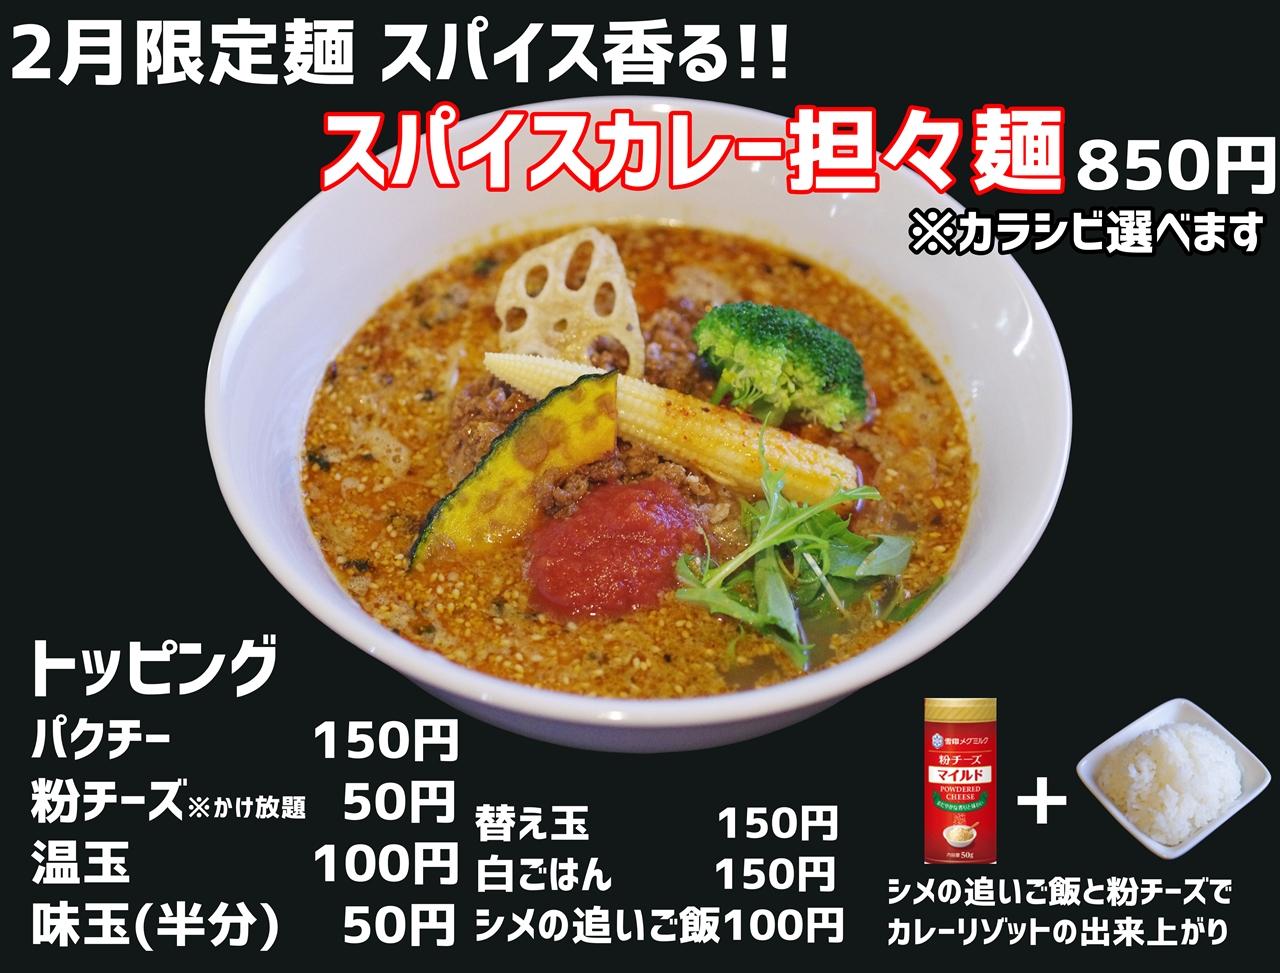 スパイスカレー担々麺 850円